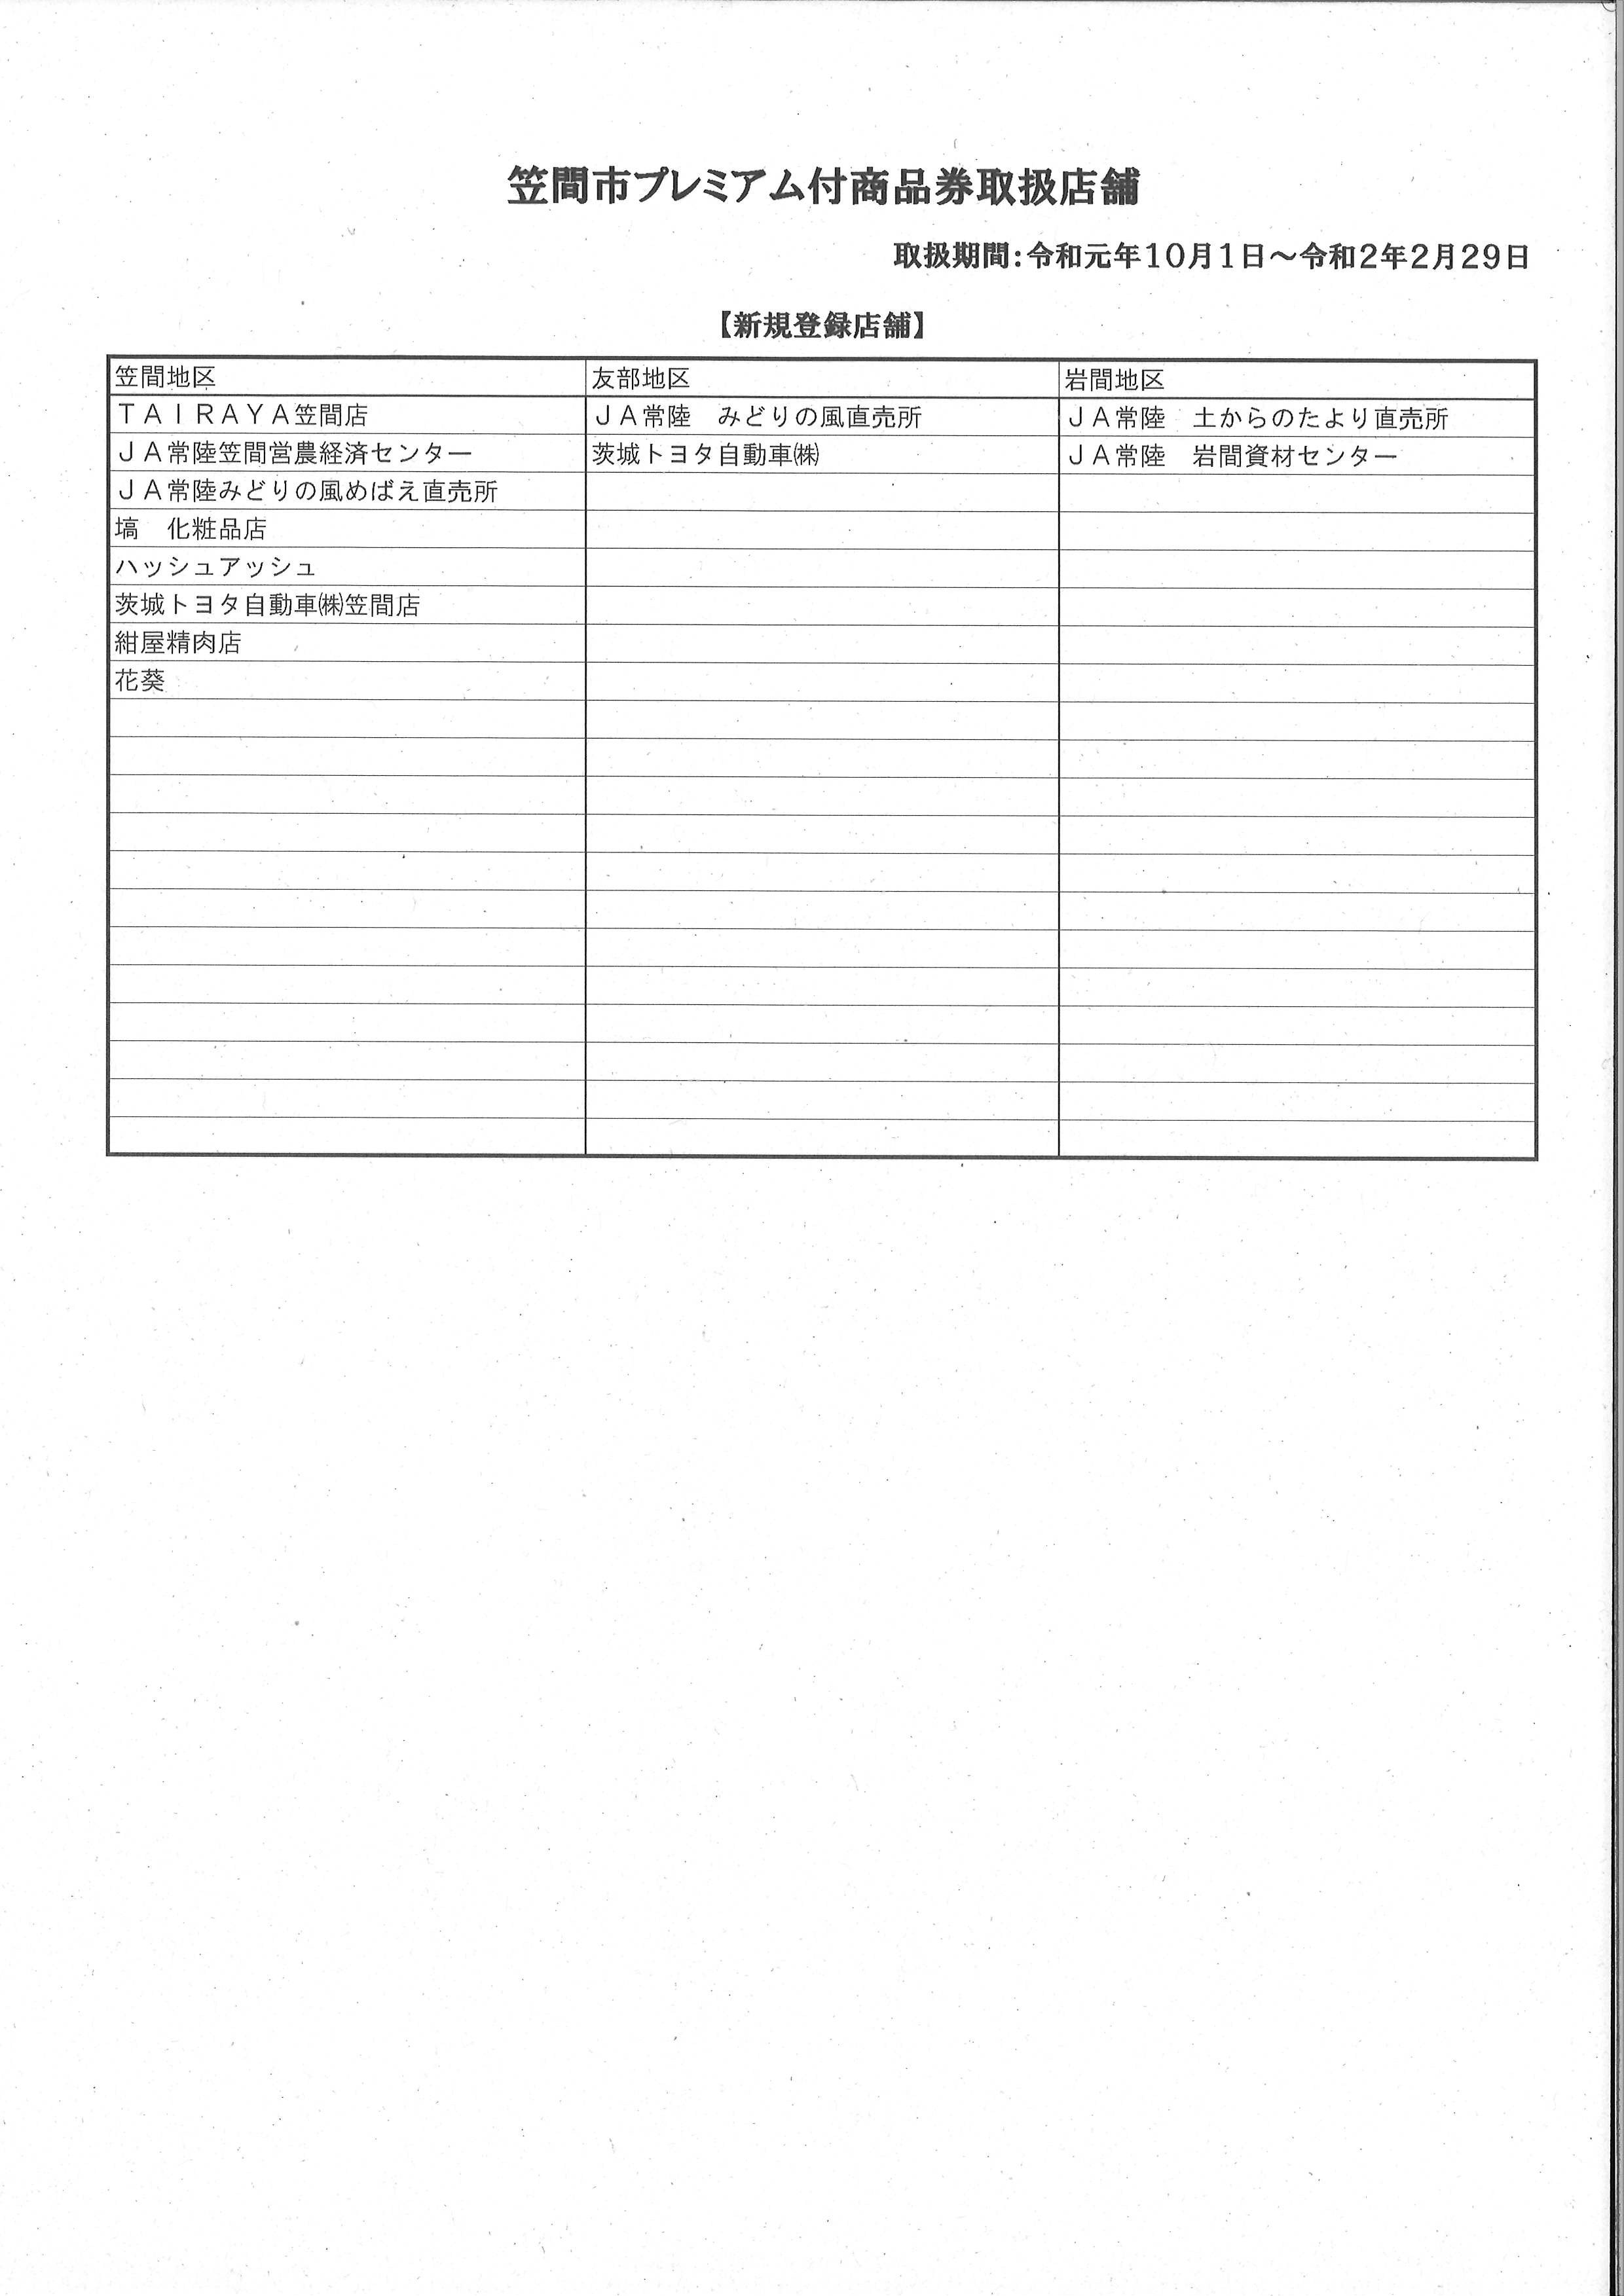 『笠間市プレミアム付商品券取扱店舗(新規登録分)』の画像